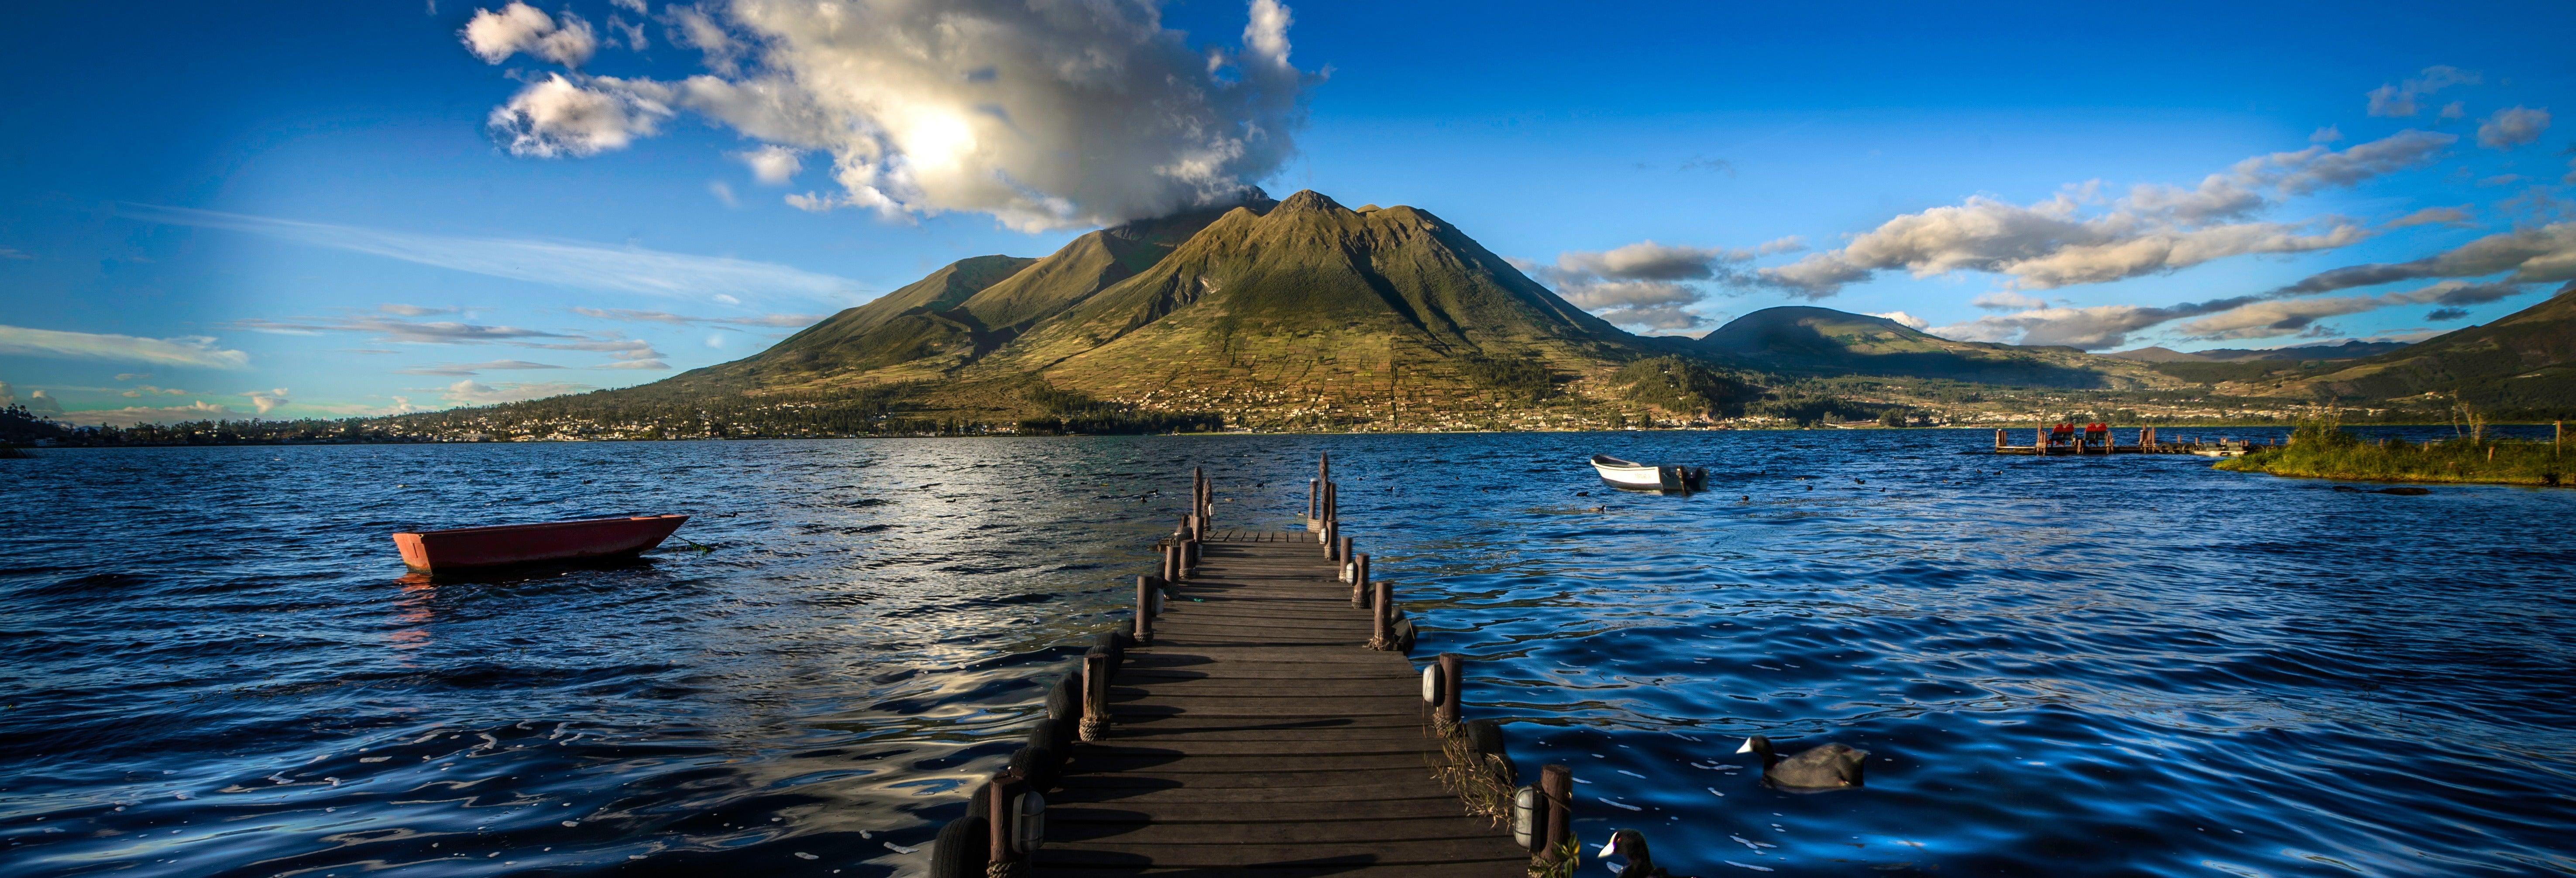 Circuito de 8 dias pelo melhor do Equador